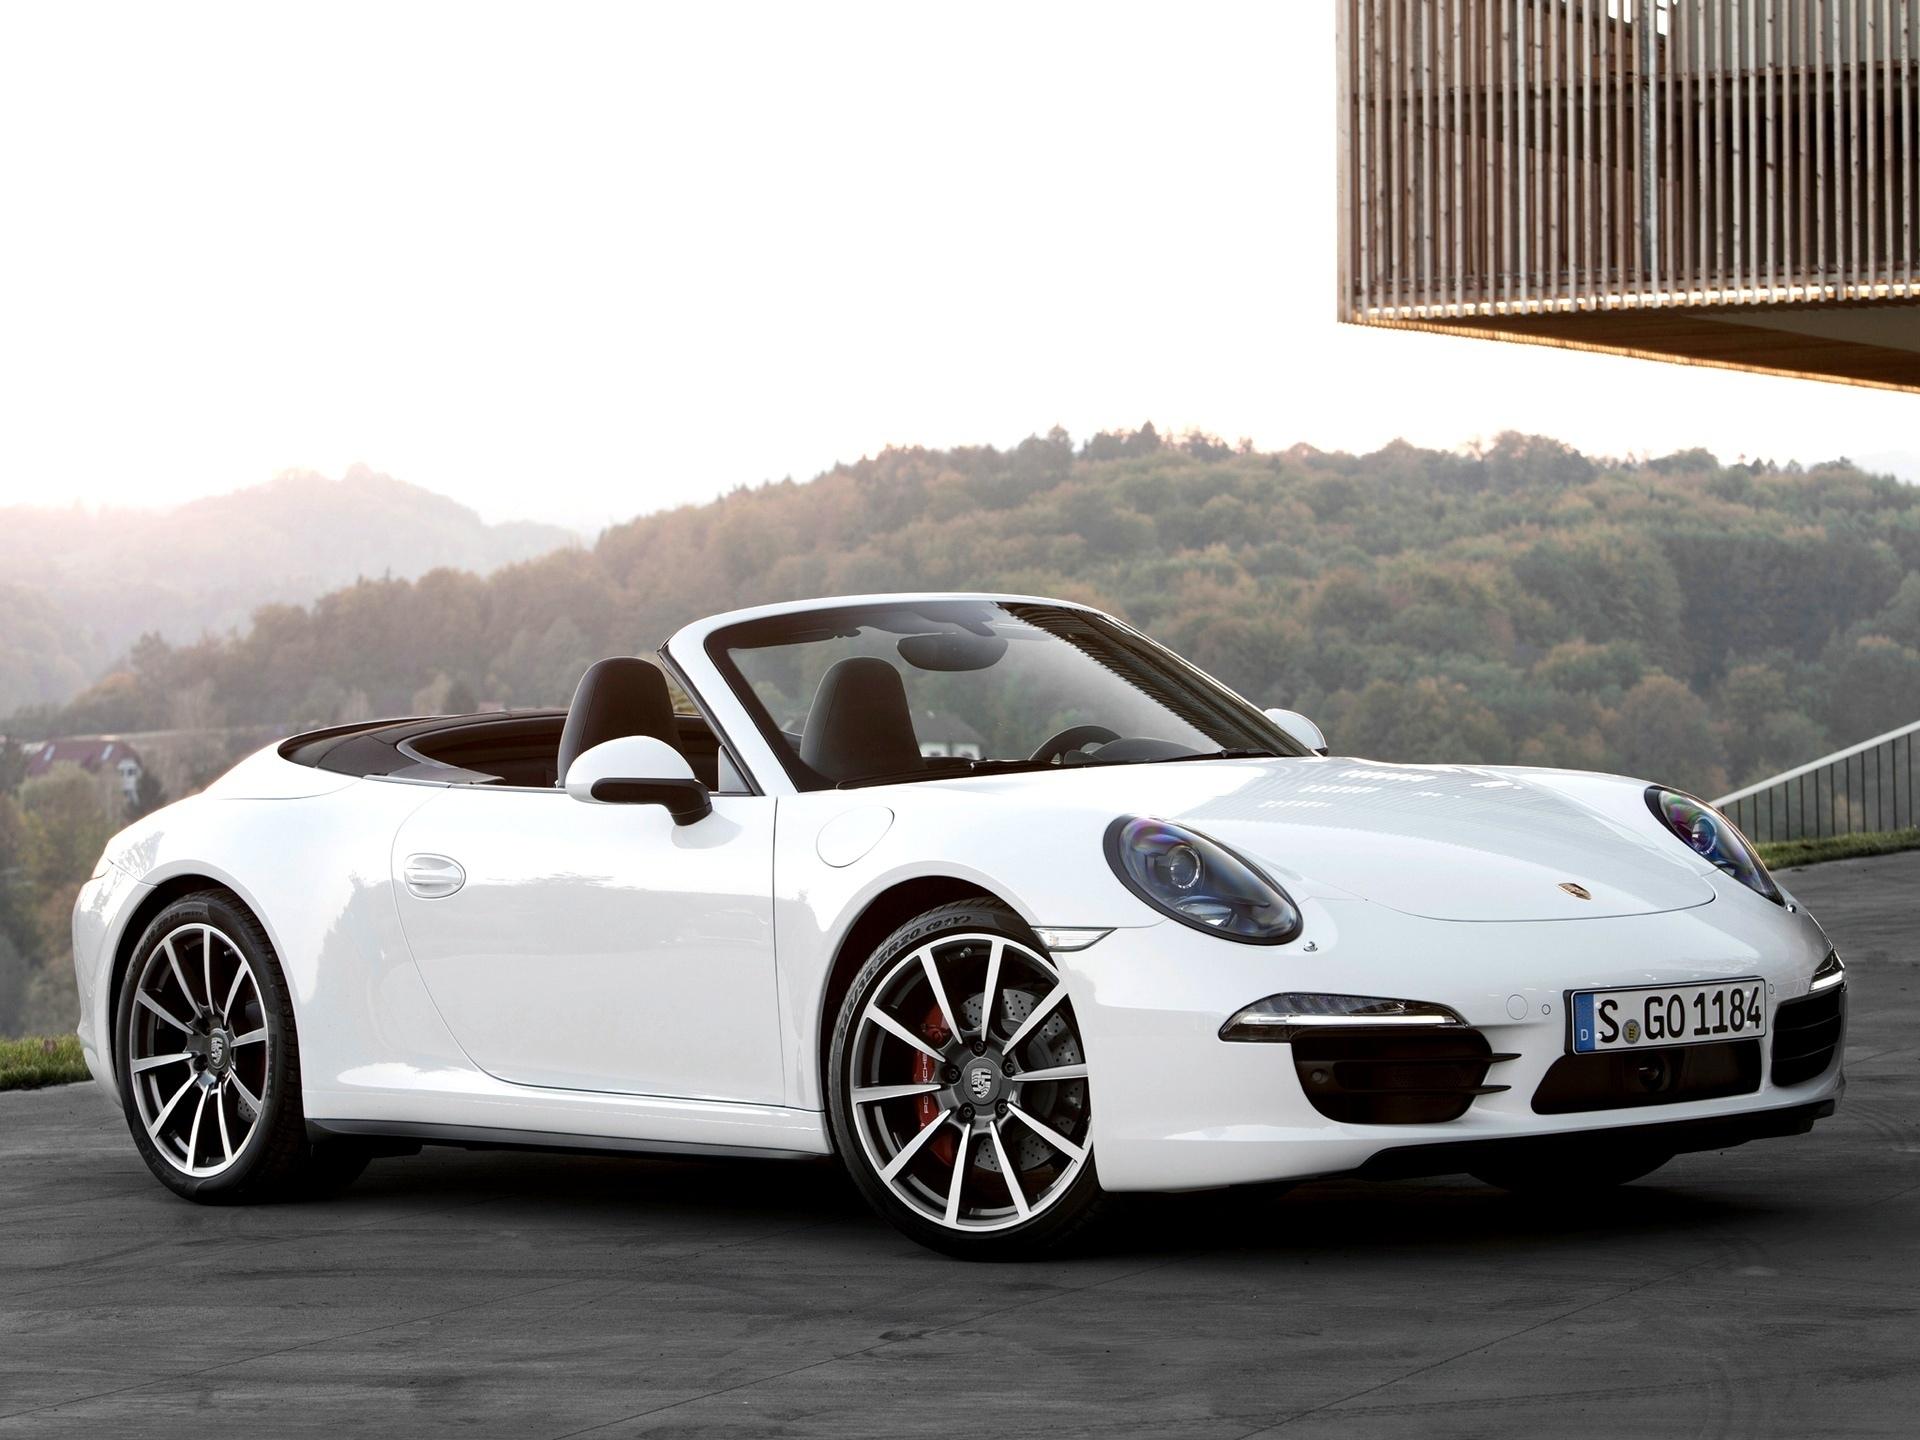 138833 Hintergrundbild 1024x600 kostenlos auf deinem Handy, lade Bilder Porsche, Cars, Cabriolet, 911, Carrera 4S 1024x600 auf dein Handy herunter